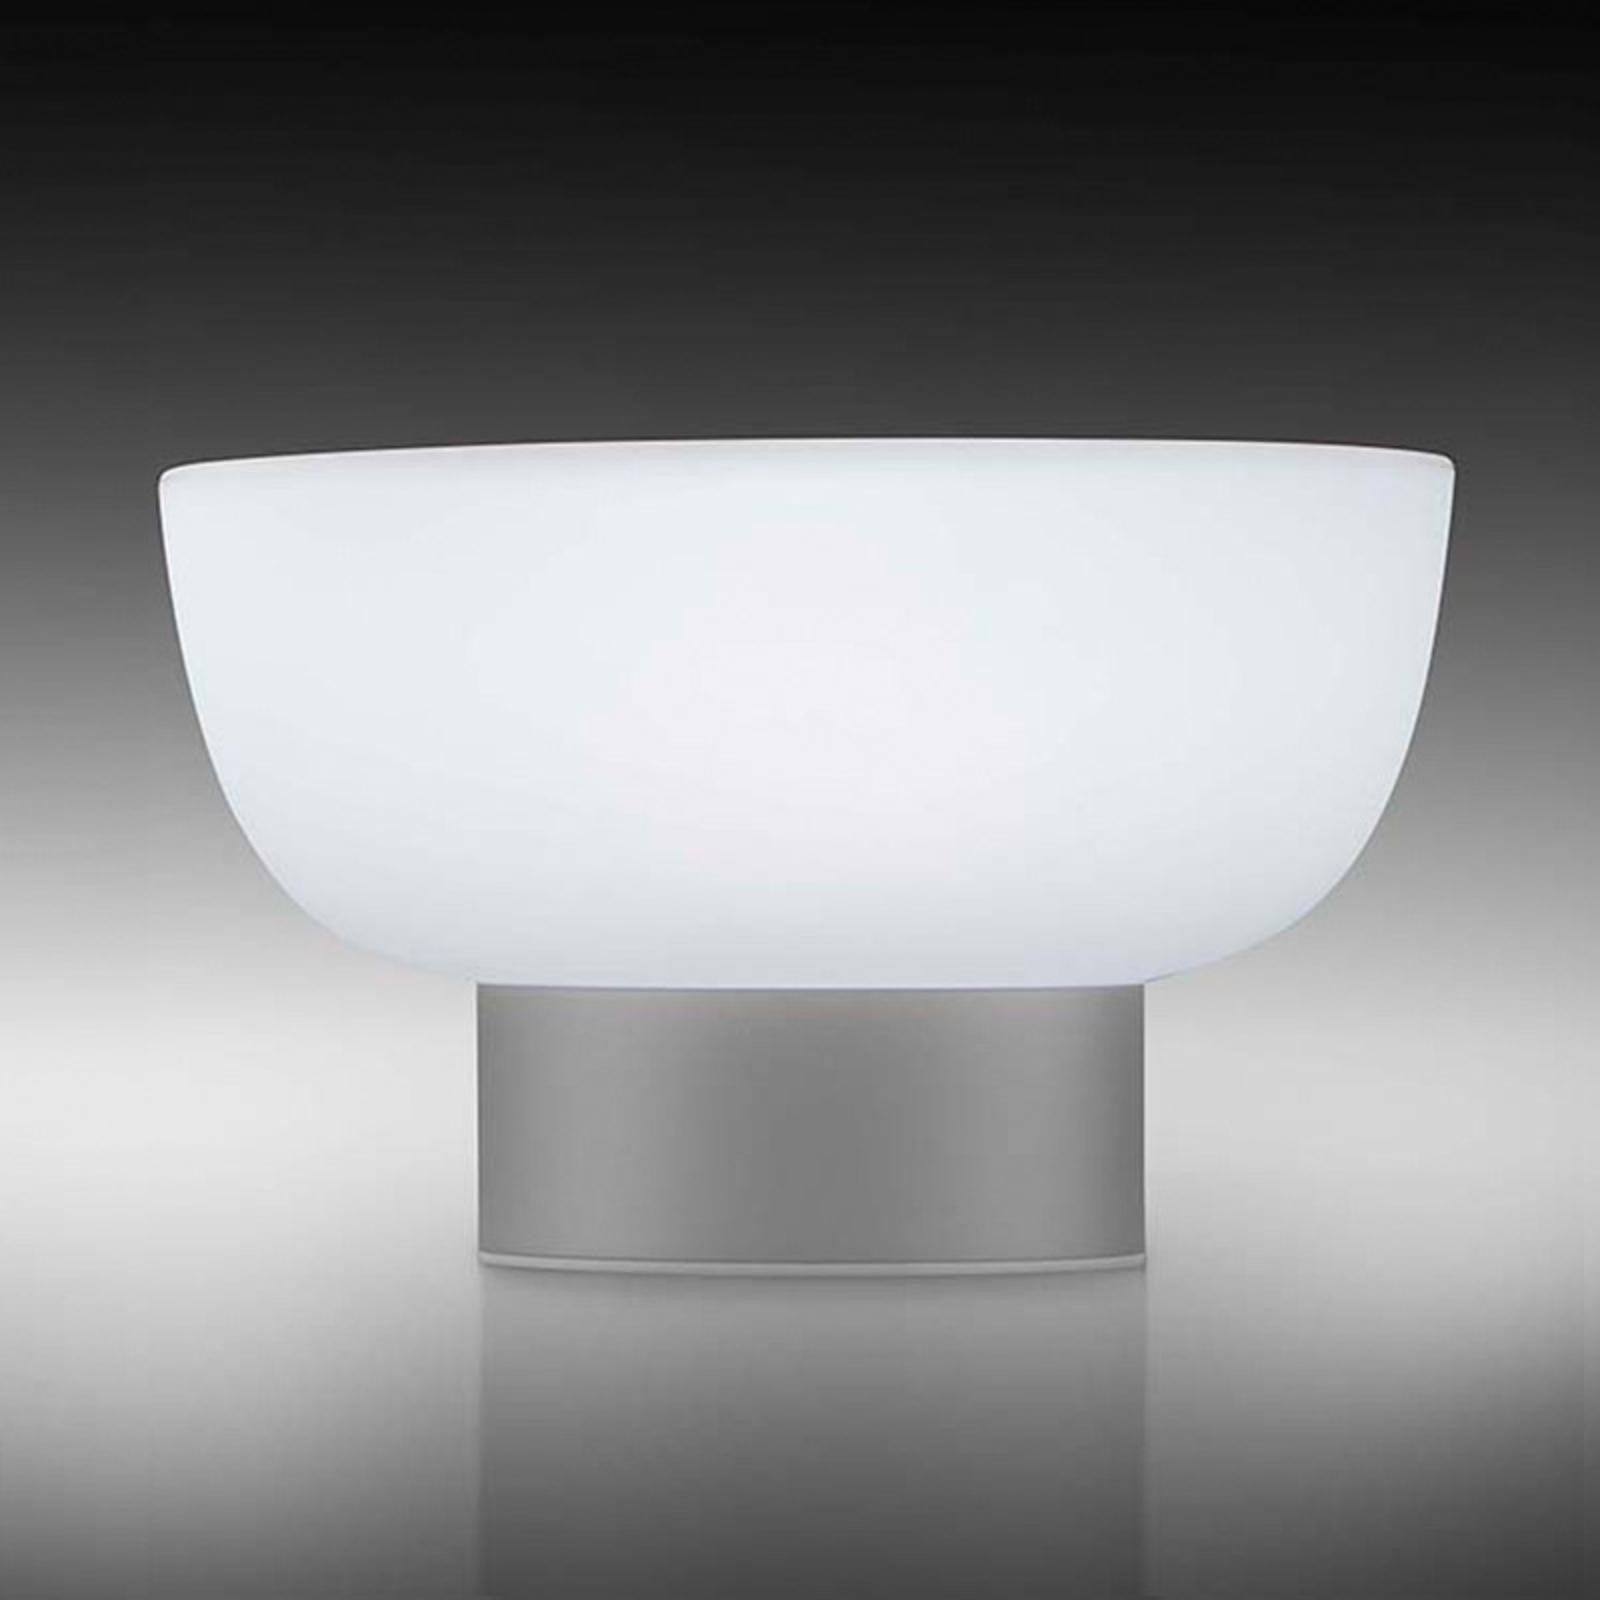 Utendørs LED-dekorasjonslampe Patio, sølv, 20 cm